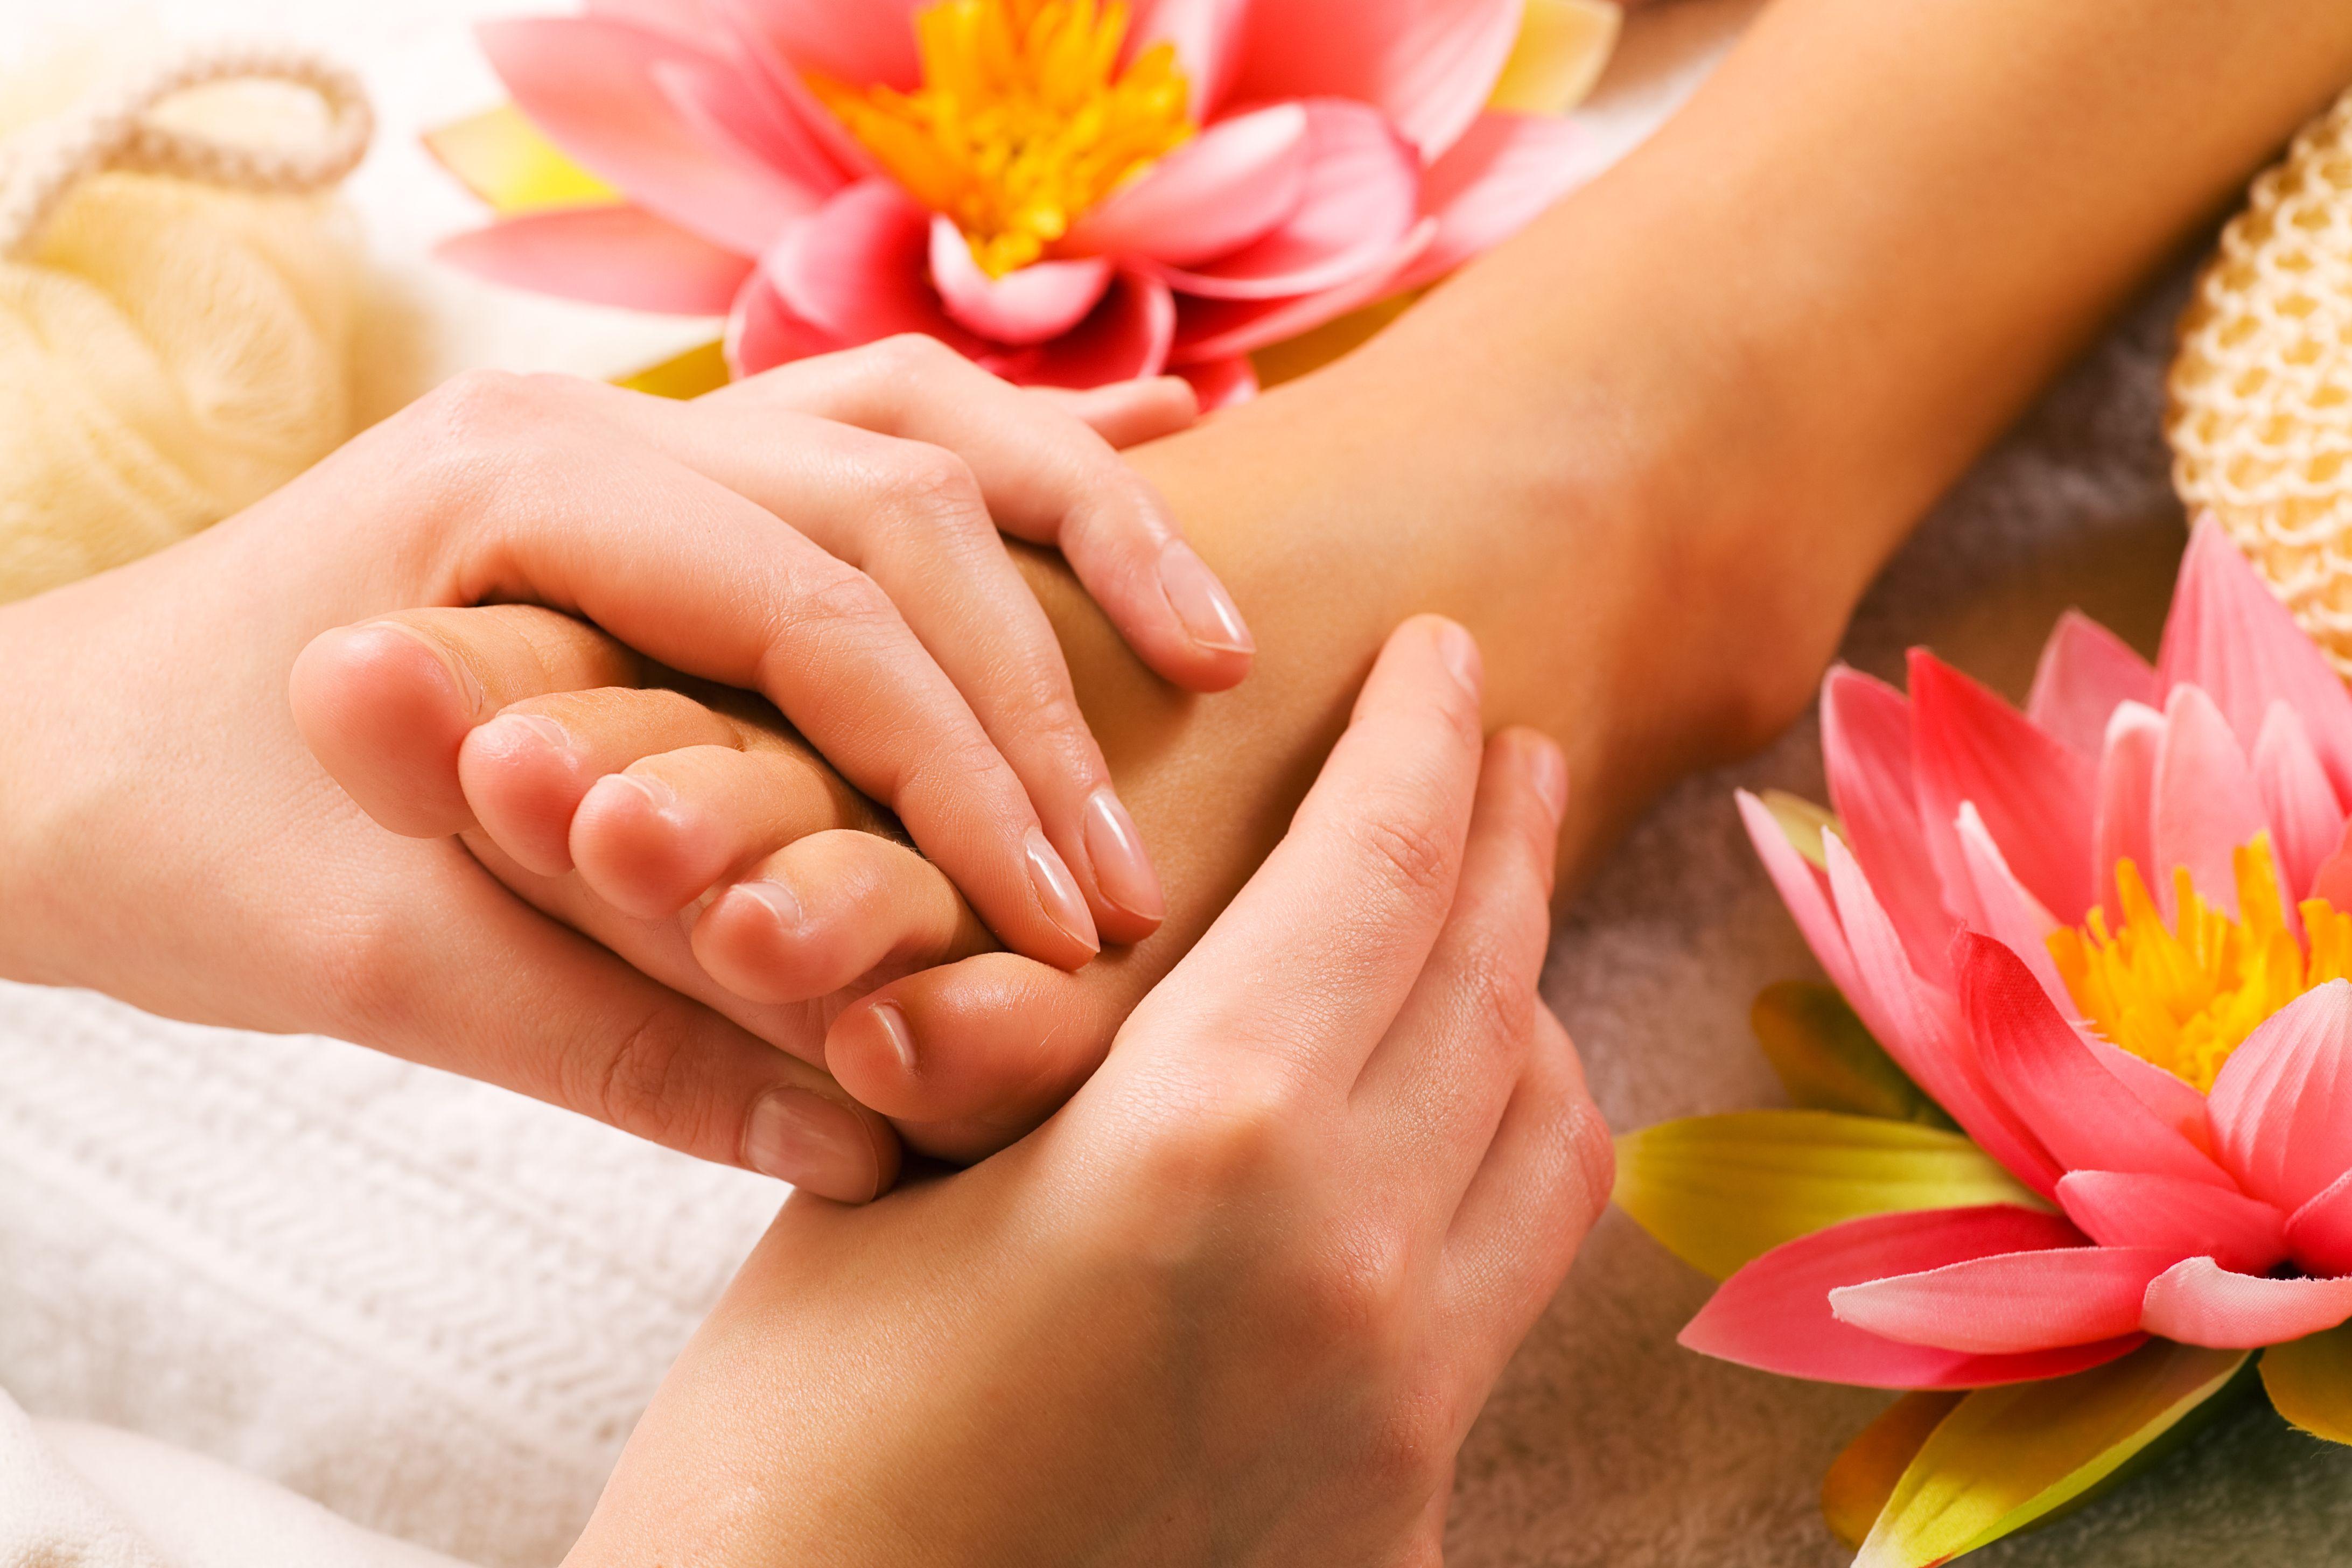 Feet First Massage/Relaxation